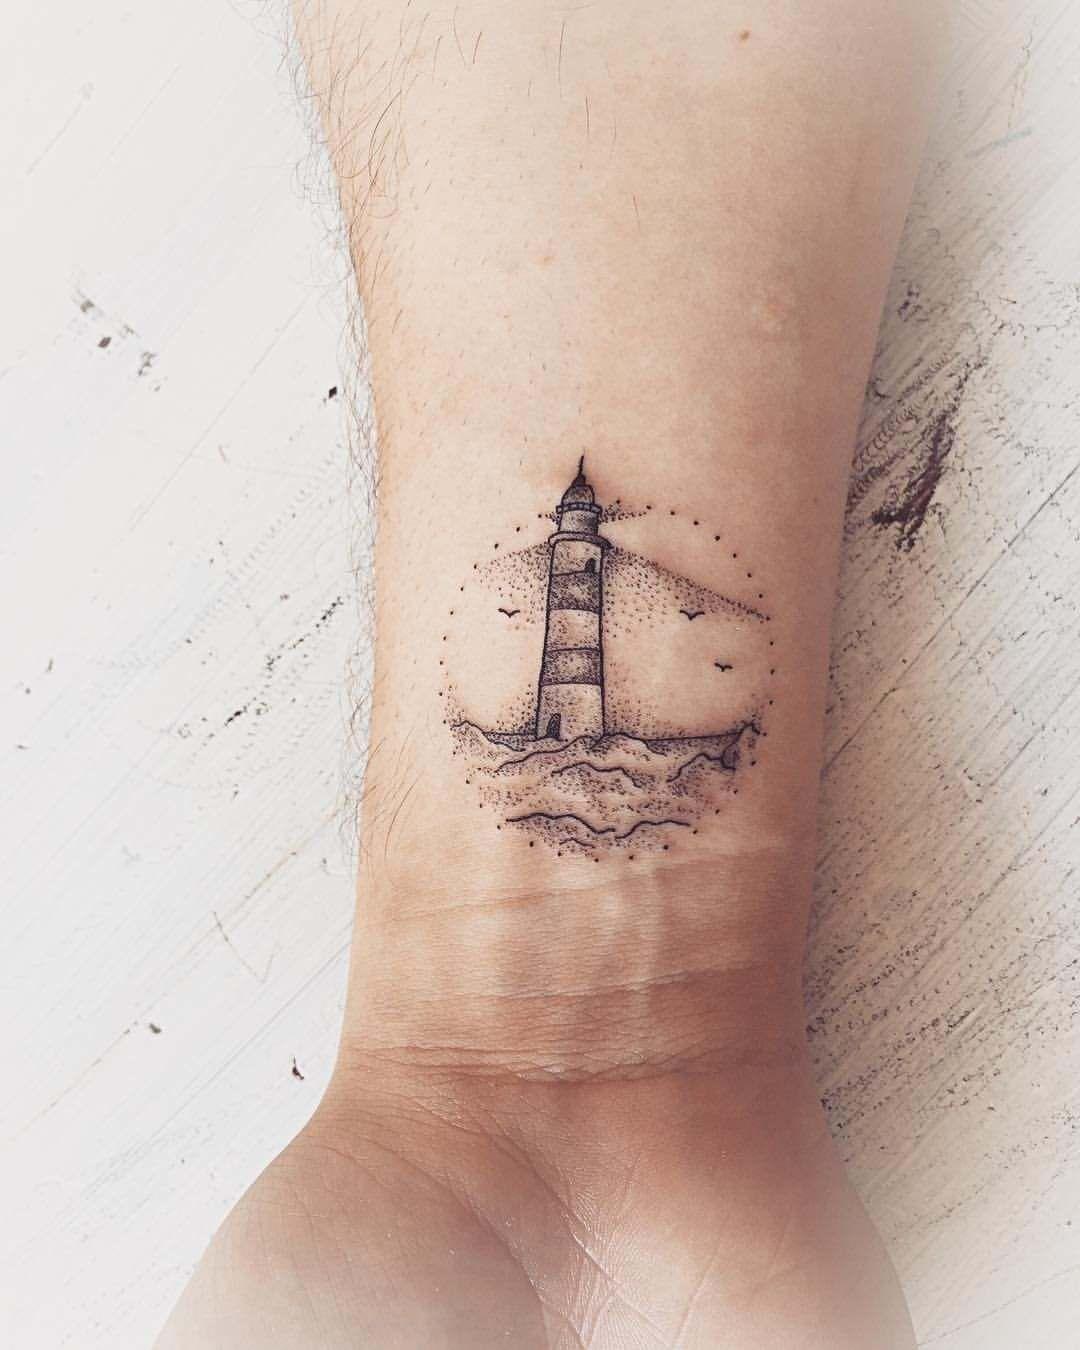 Petit Tatouage Homme Plus De 50 Idees Des Plus Beaux Dessins Petit Tatouage Tatouage Petit Tatouage Homme